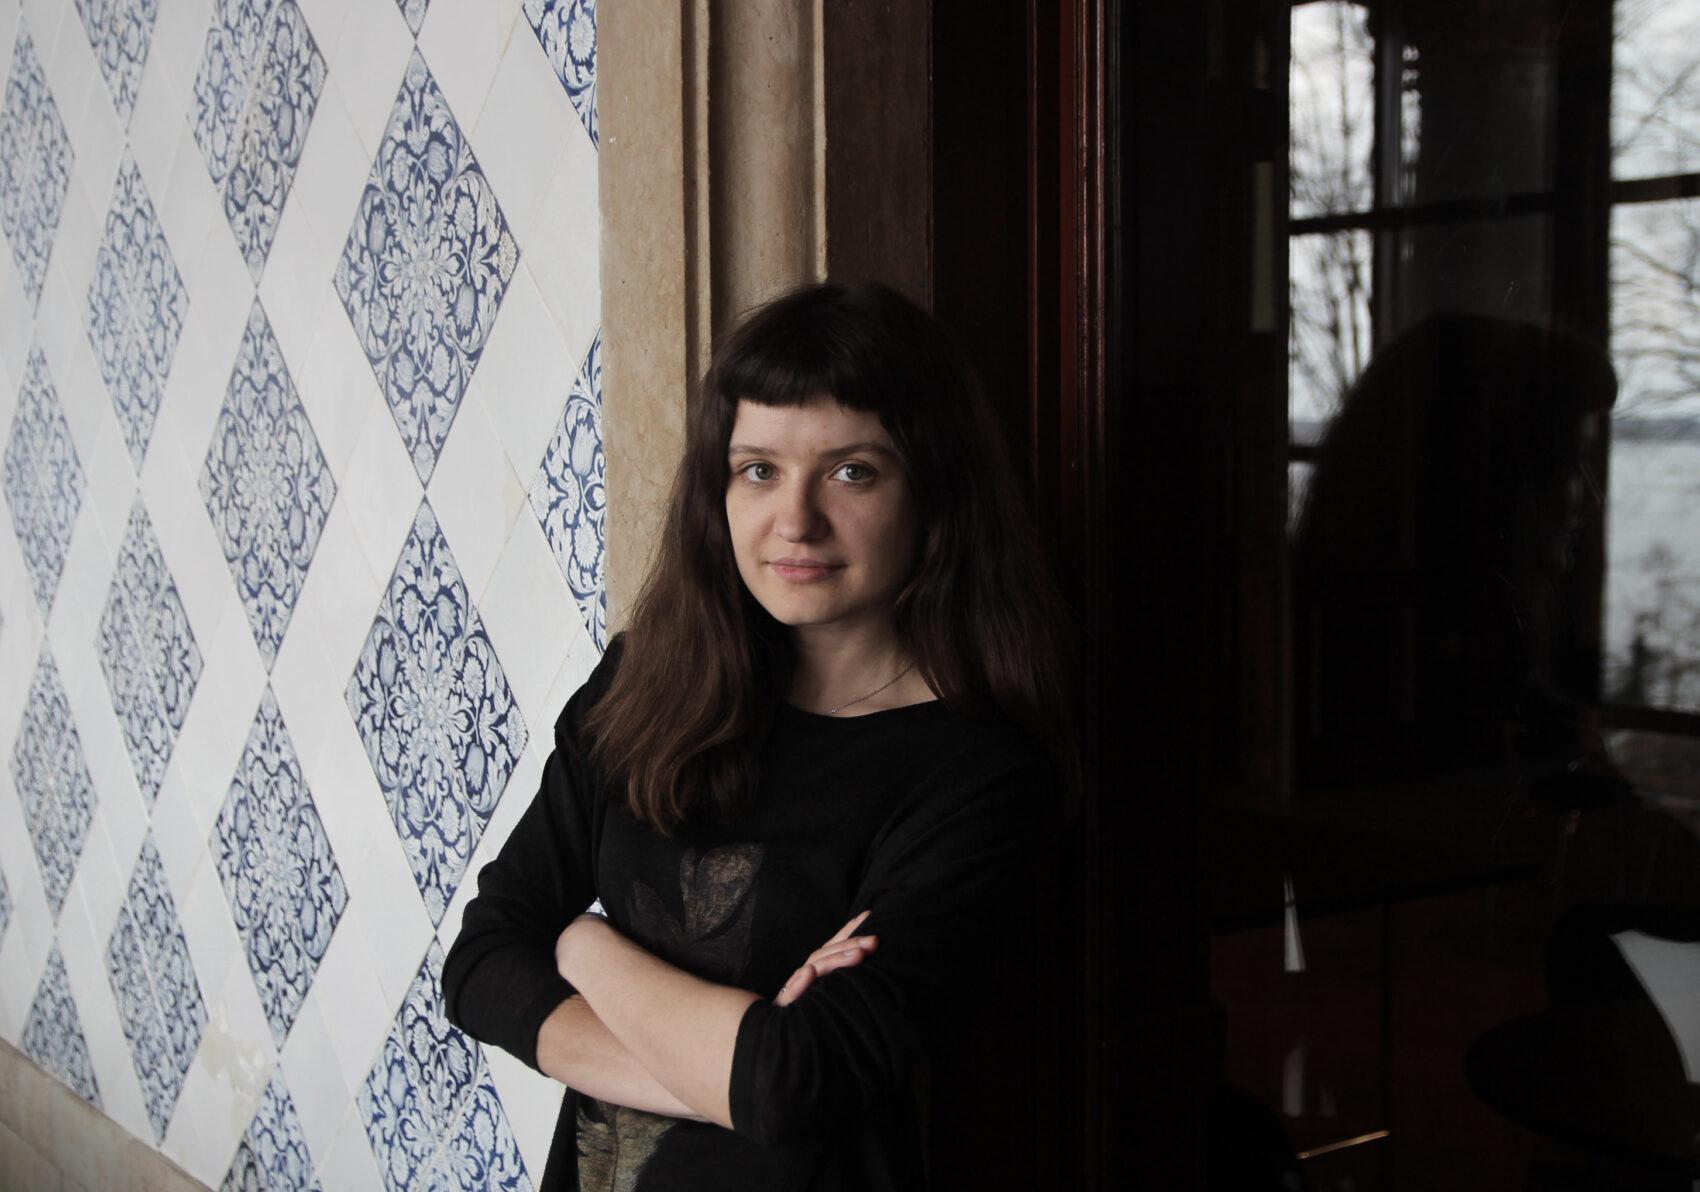 Iryna Tsilyk